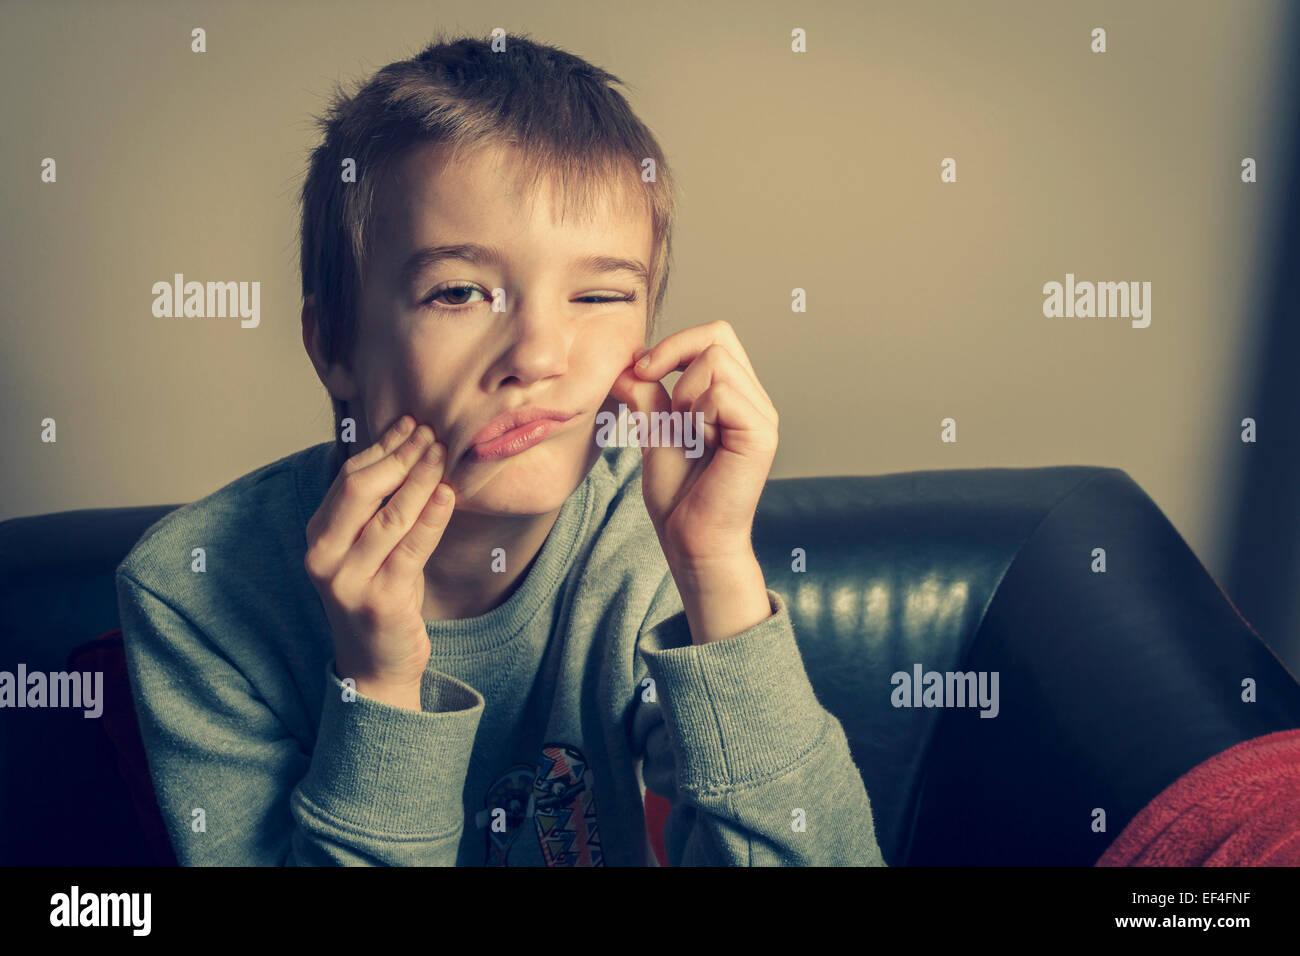 Joven en la sala de estar haciendo una cara. Imagen De Stock